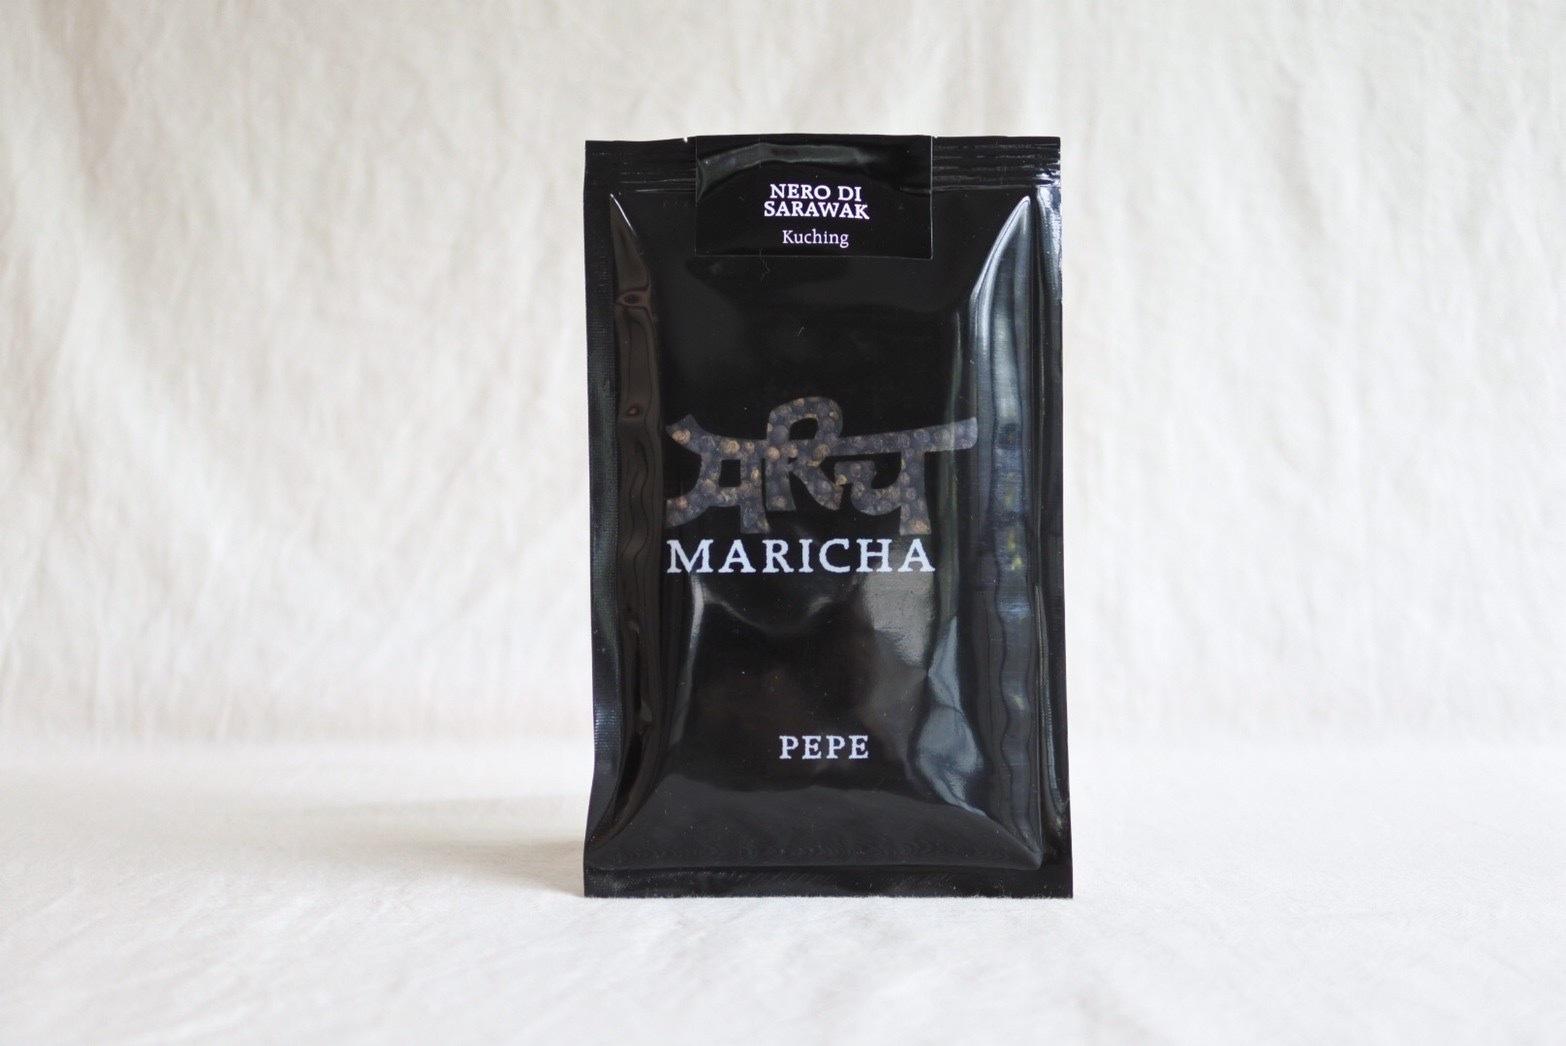 Maricha ブラックペッパー ネロ ディ サラワク